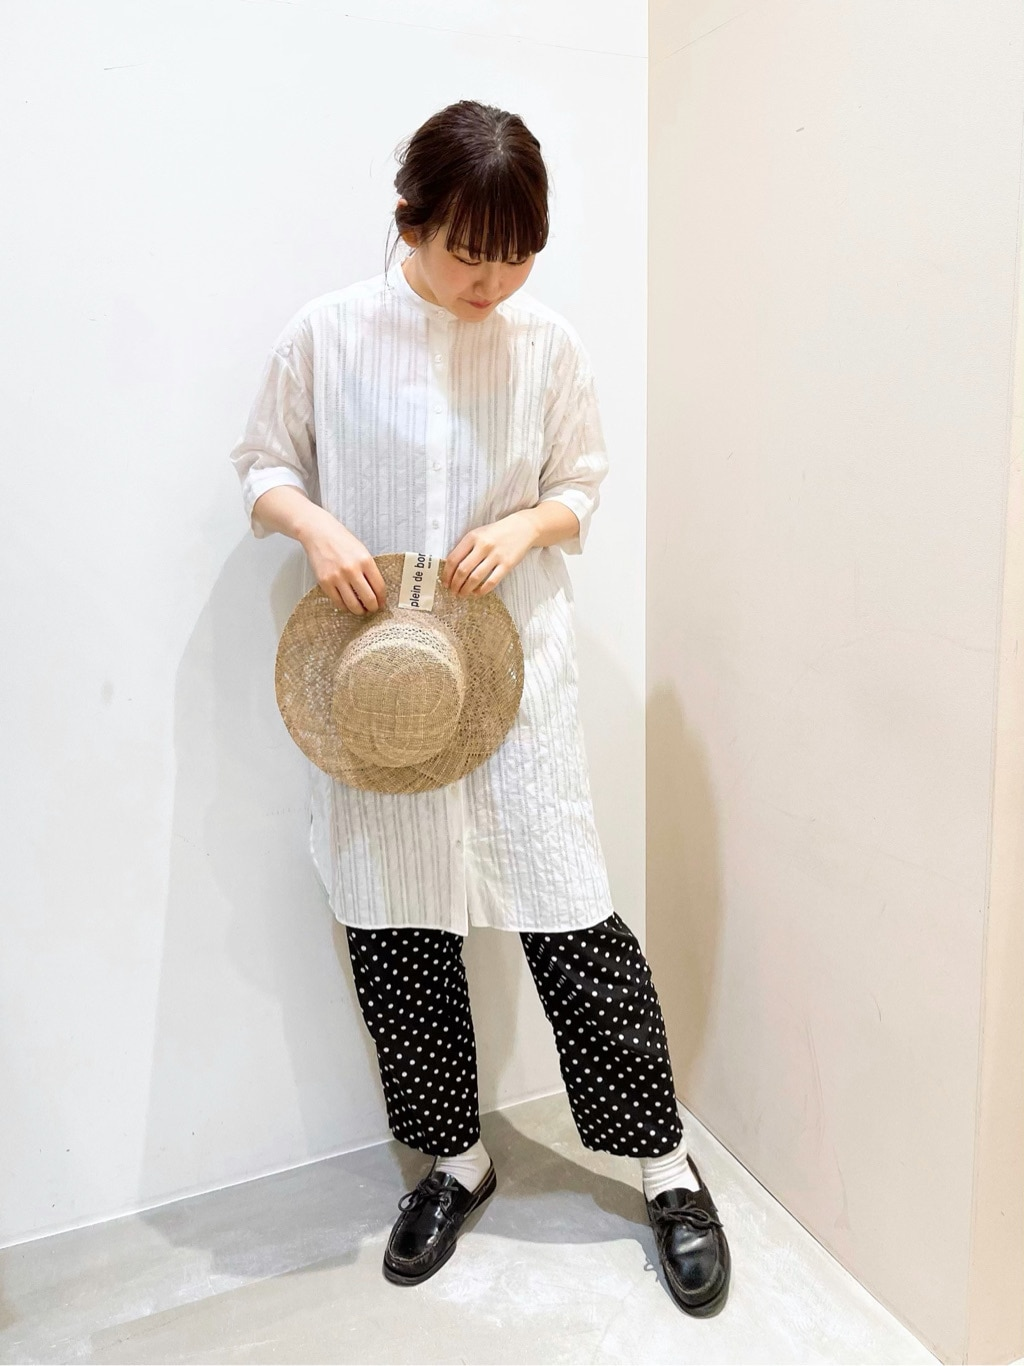 阪急西宮ガーデンズ 2021.04.30